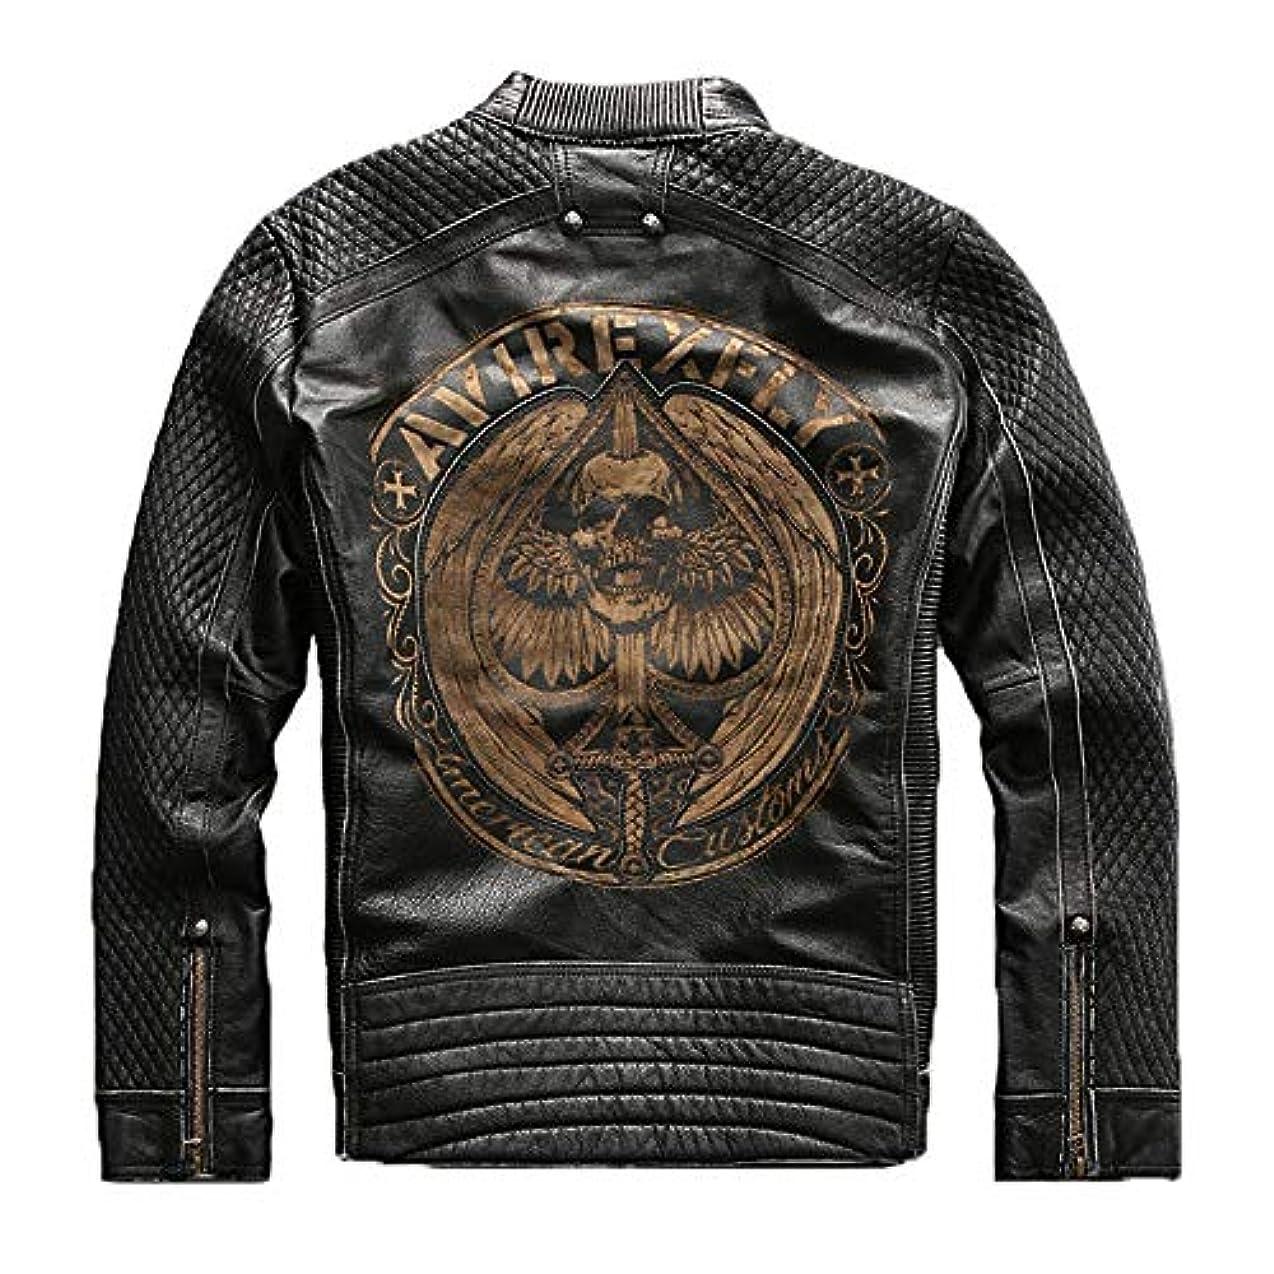 彼篭位置する[XRX] 牛革 バイク用ジャケット メンズ 本革ジャケット 防風防寒 秋冬 レザージャケット